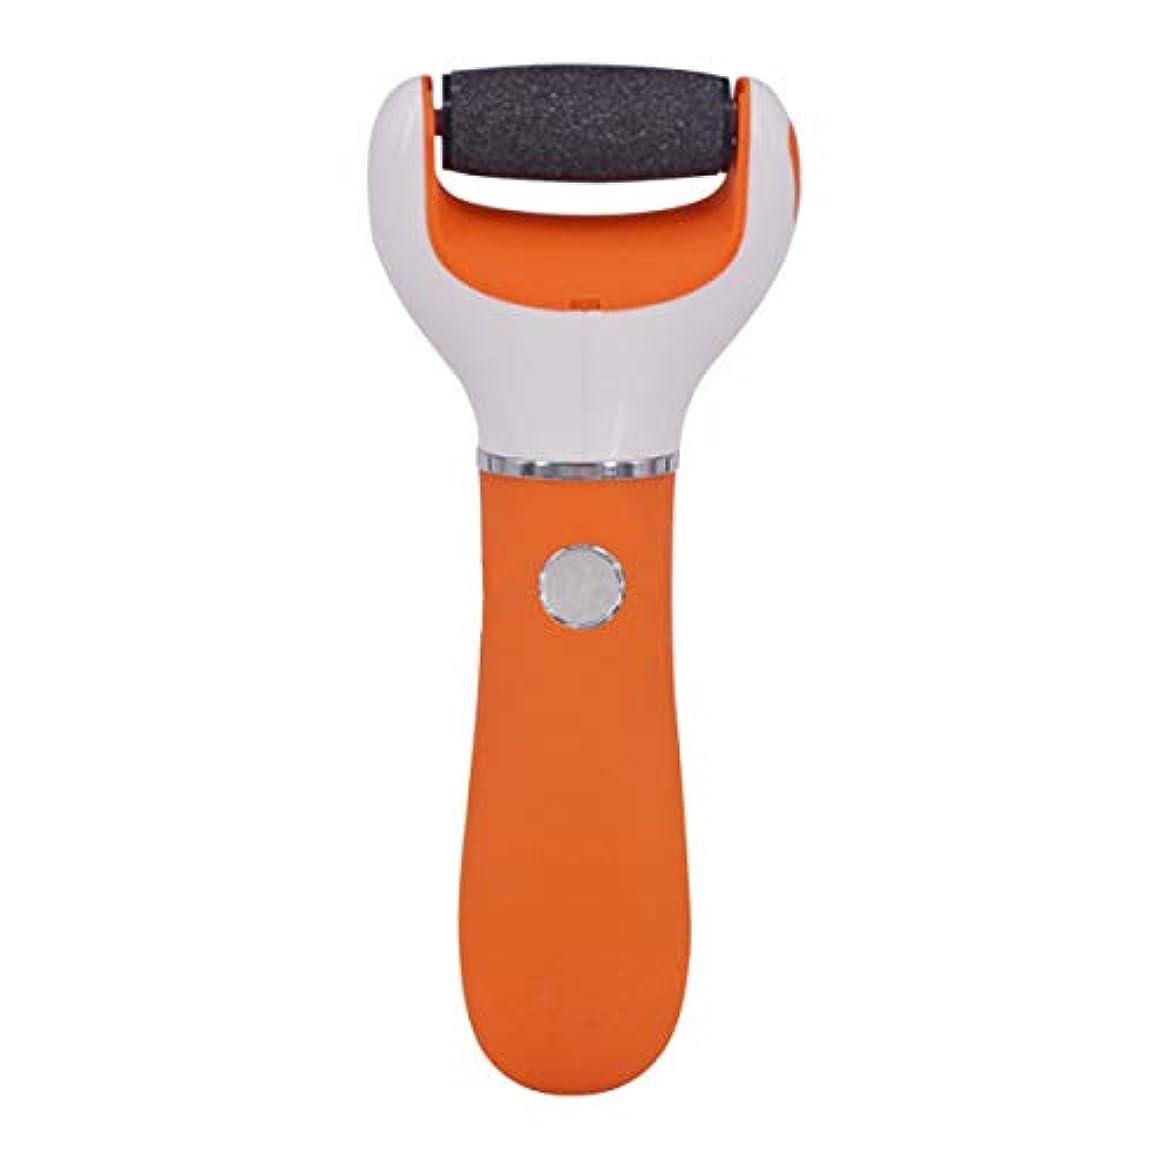 のみ小間フィラデルフィア電気足ファイルデバイスの充電式電気ペディキュアデバイスは、たこのペディキュアの楽器を剥離します,Orange